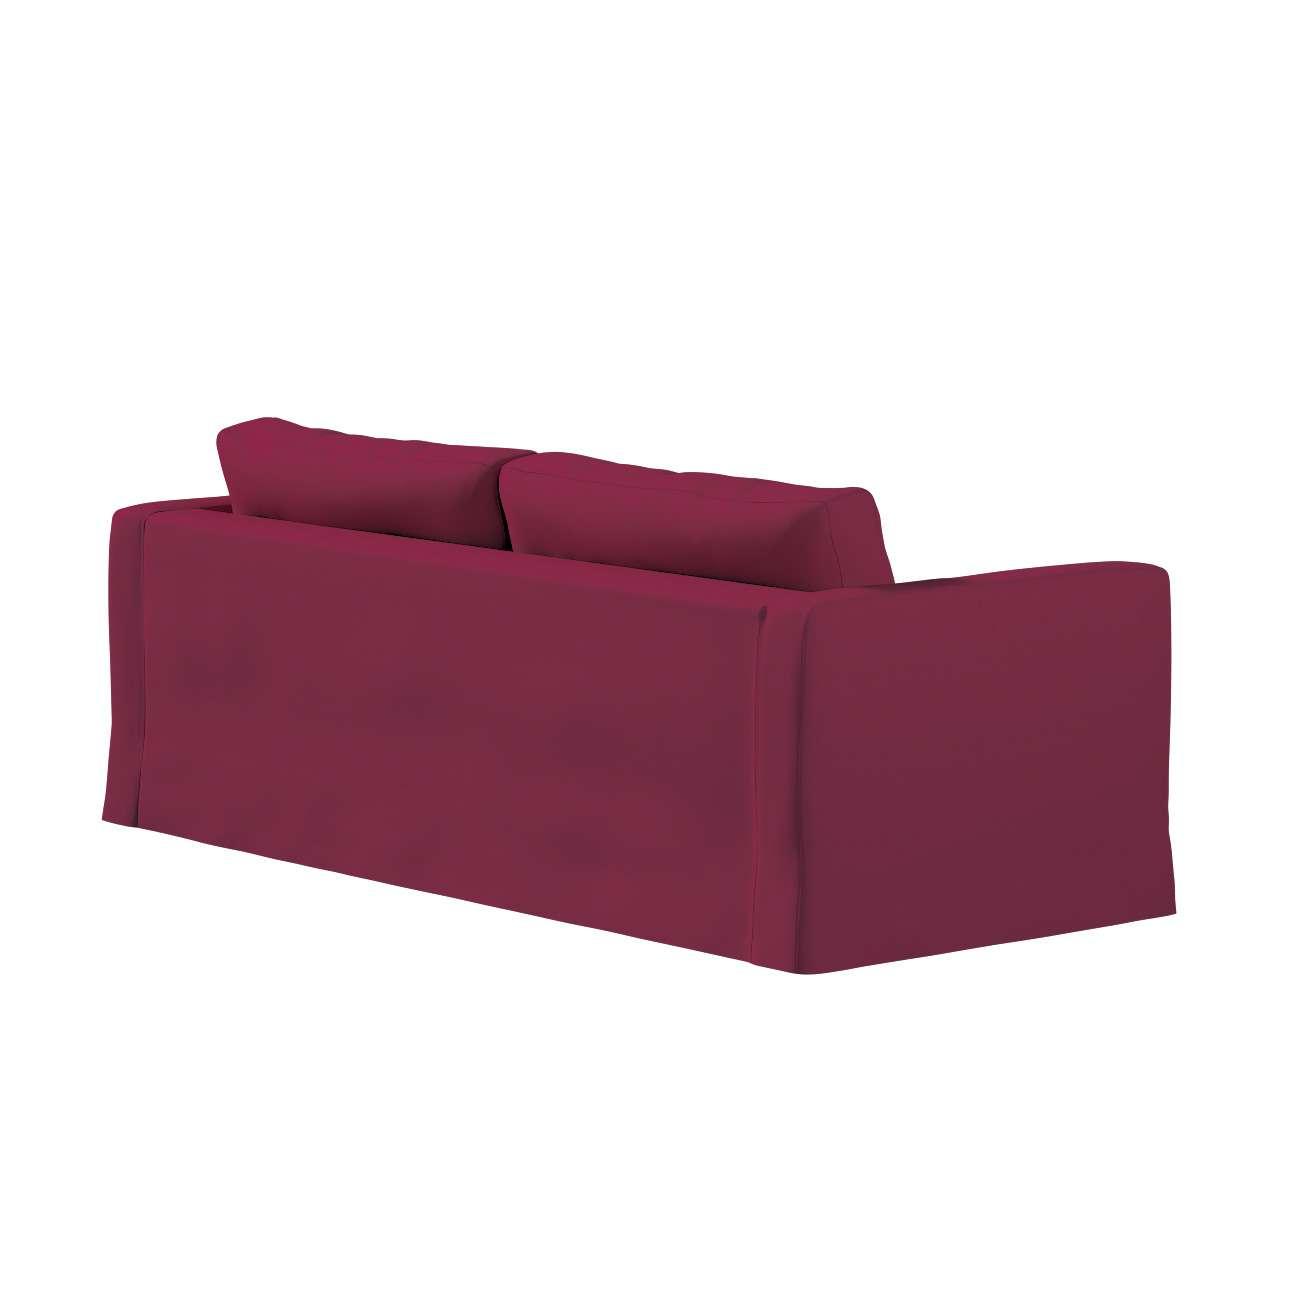 Potah na pohovku IKEA  Karlstad 3-místná, nerozkládací, dlouhý v kolekci Cotton Panama, látka: 702-32